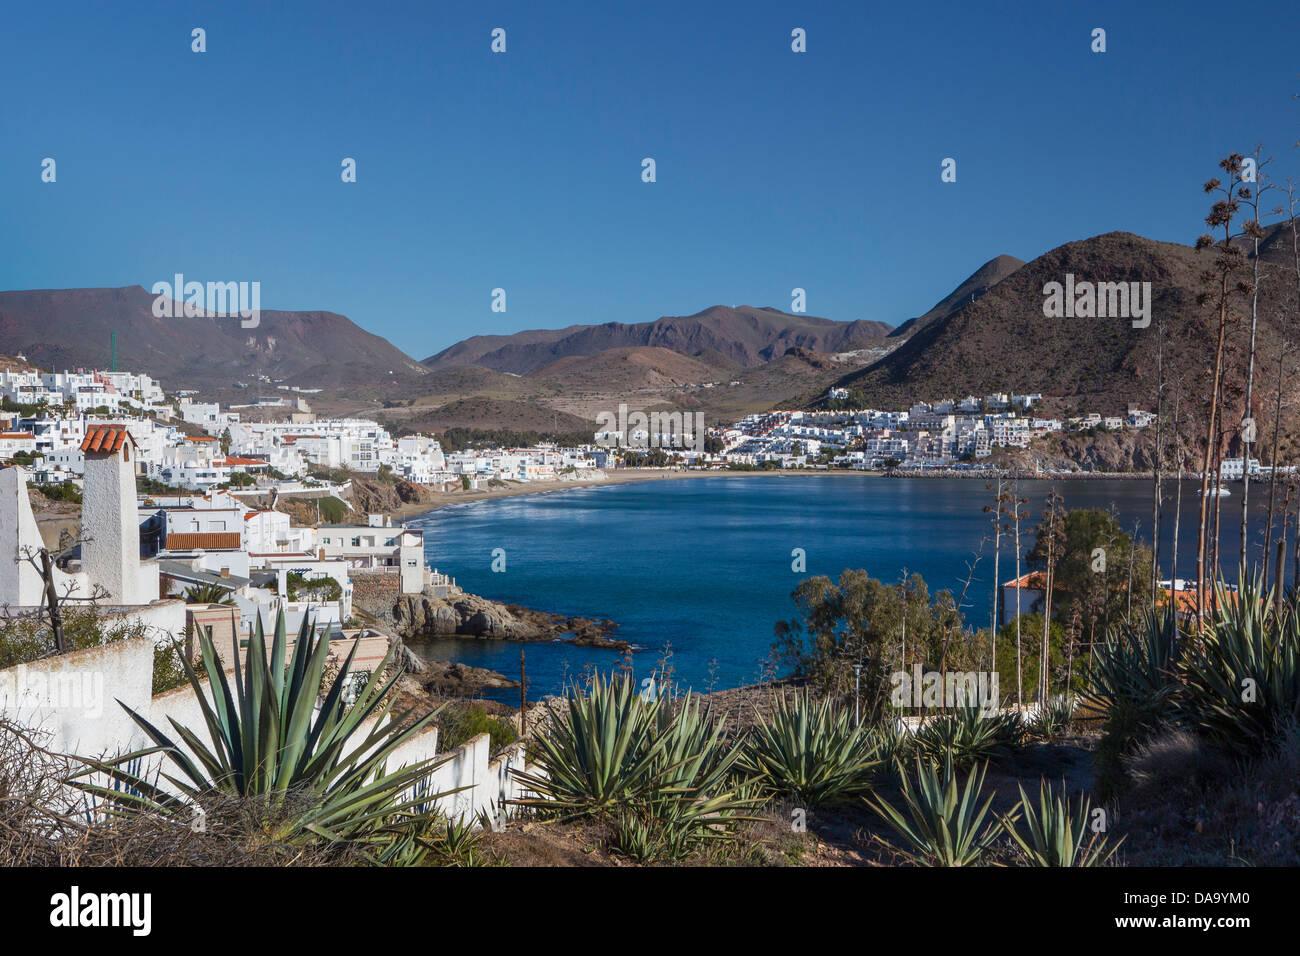 Almería, España, Europa, Andalucía, San José, Costa Azul, playa, paisaje mediterráneo, Imagen De Stock